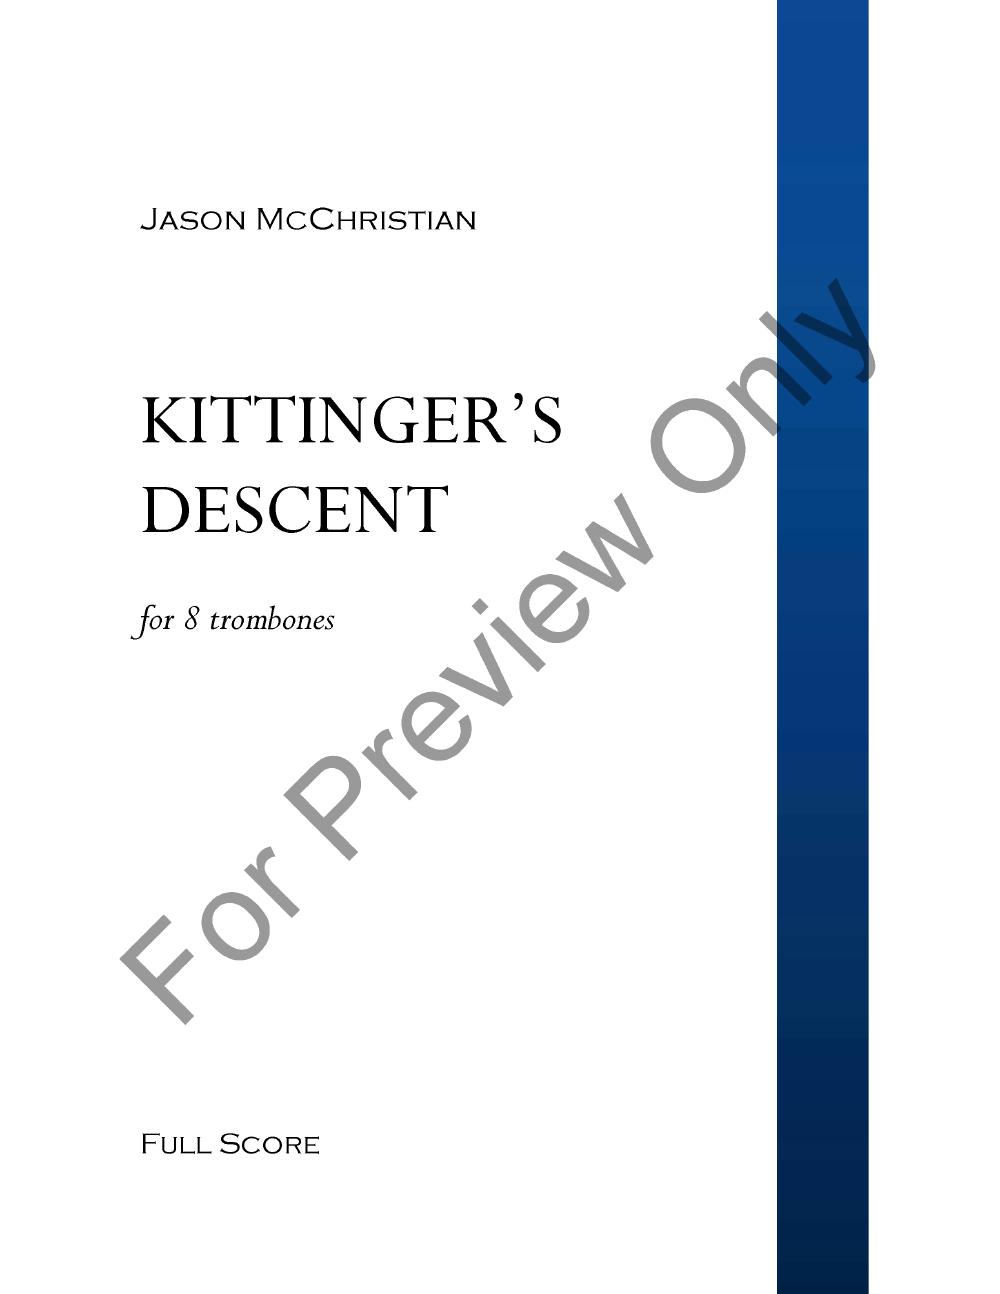 Kittinger's Descent Thumbnail